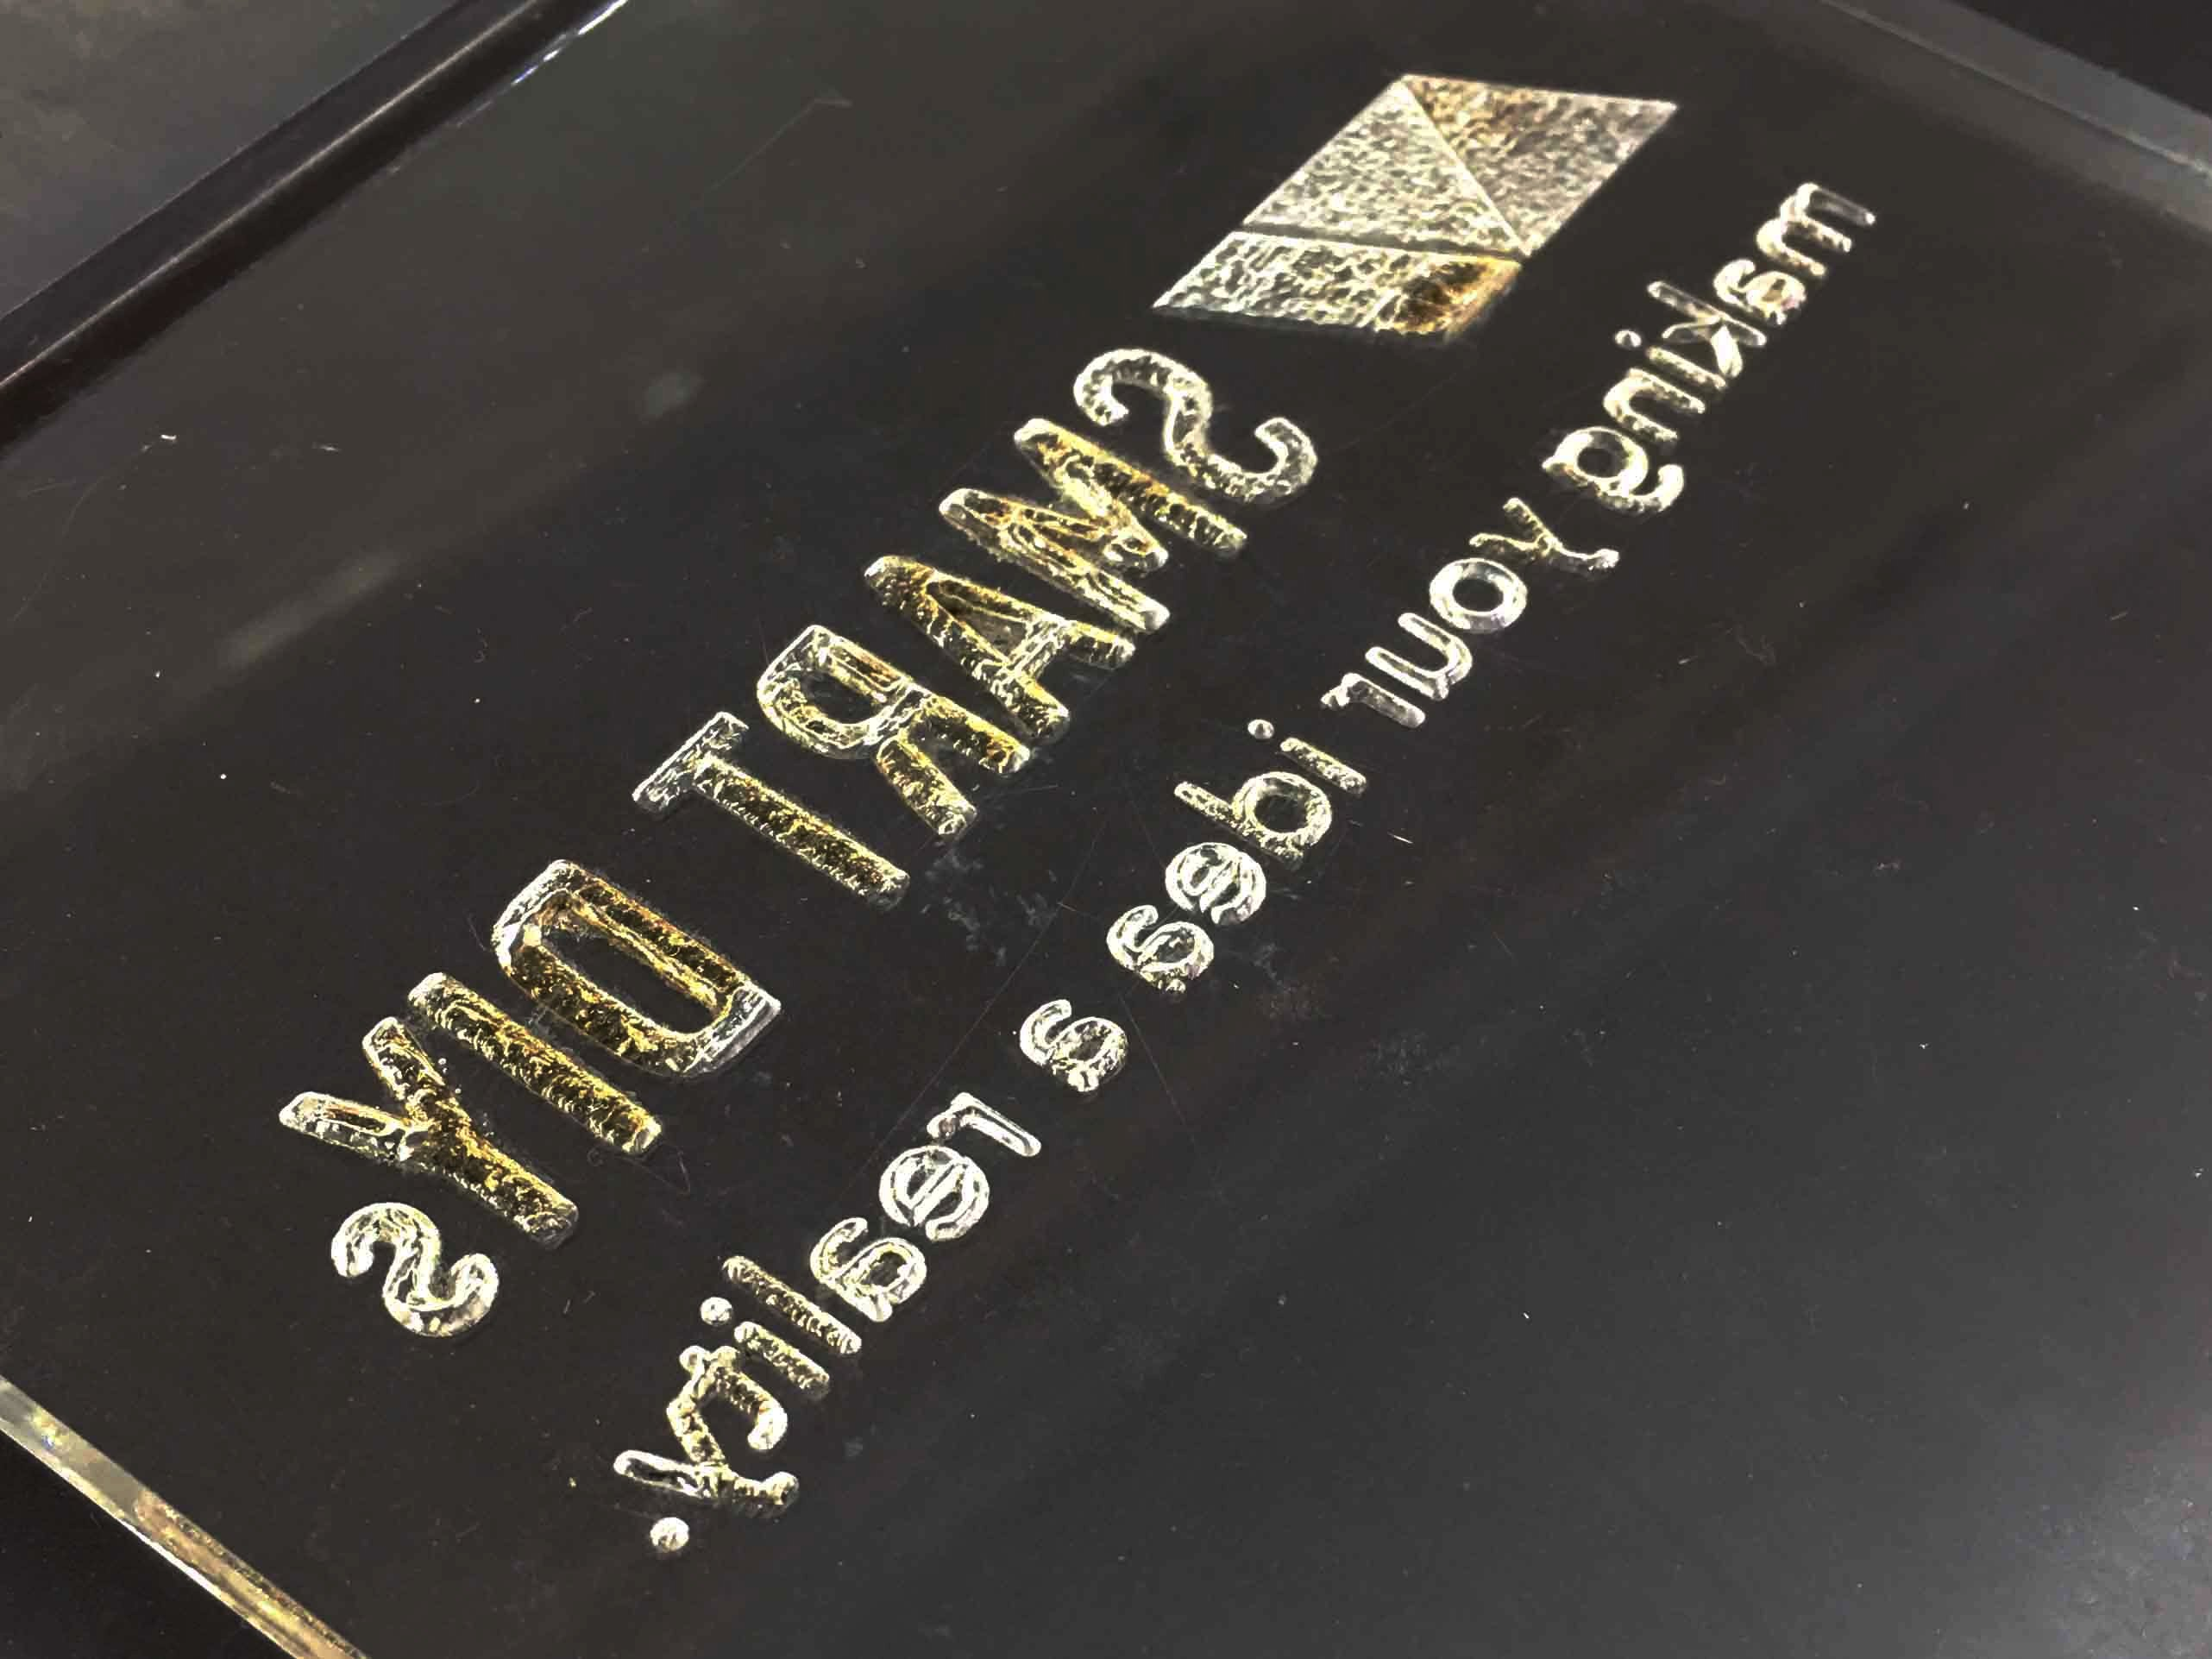 アクリル板で表札作りーベクター加工VSラスター加工ーの画像